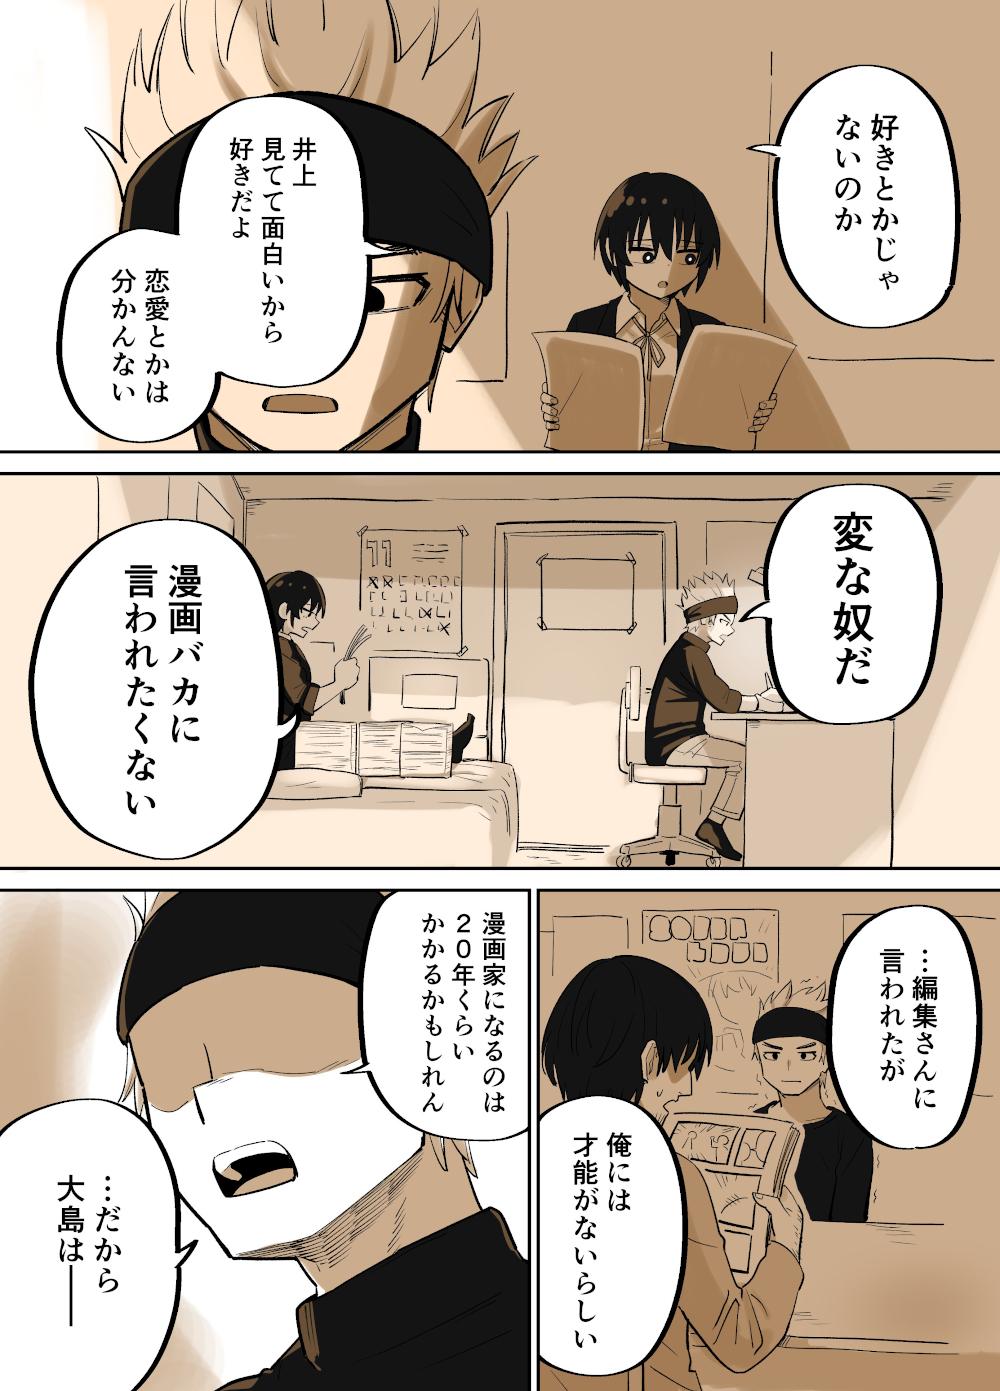 漫画バカと変な奴3